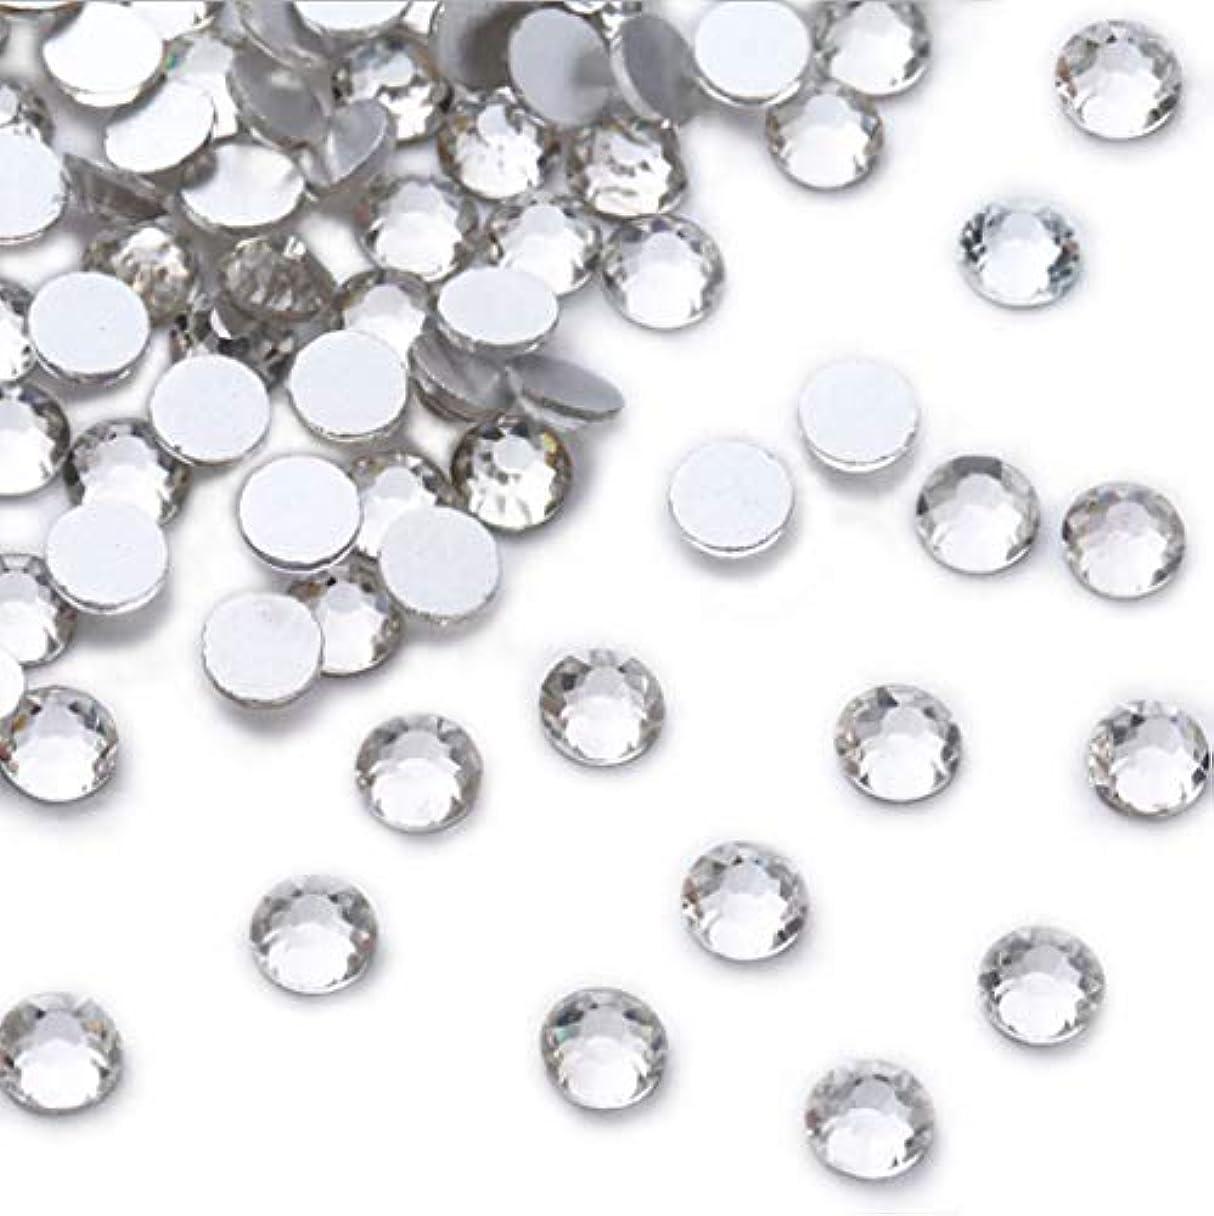 ブロンズ科学者荷物XIULIラインストーン DIY ネイルを飾てと服装使用 高い採光 ホワイト ss3-30 (2.8mm ss10(1440粒), サイズ)